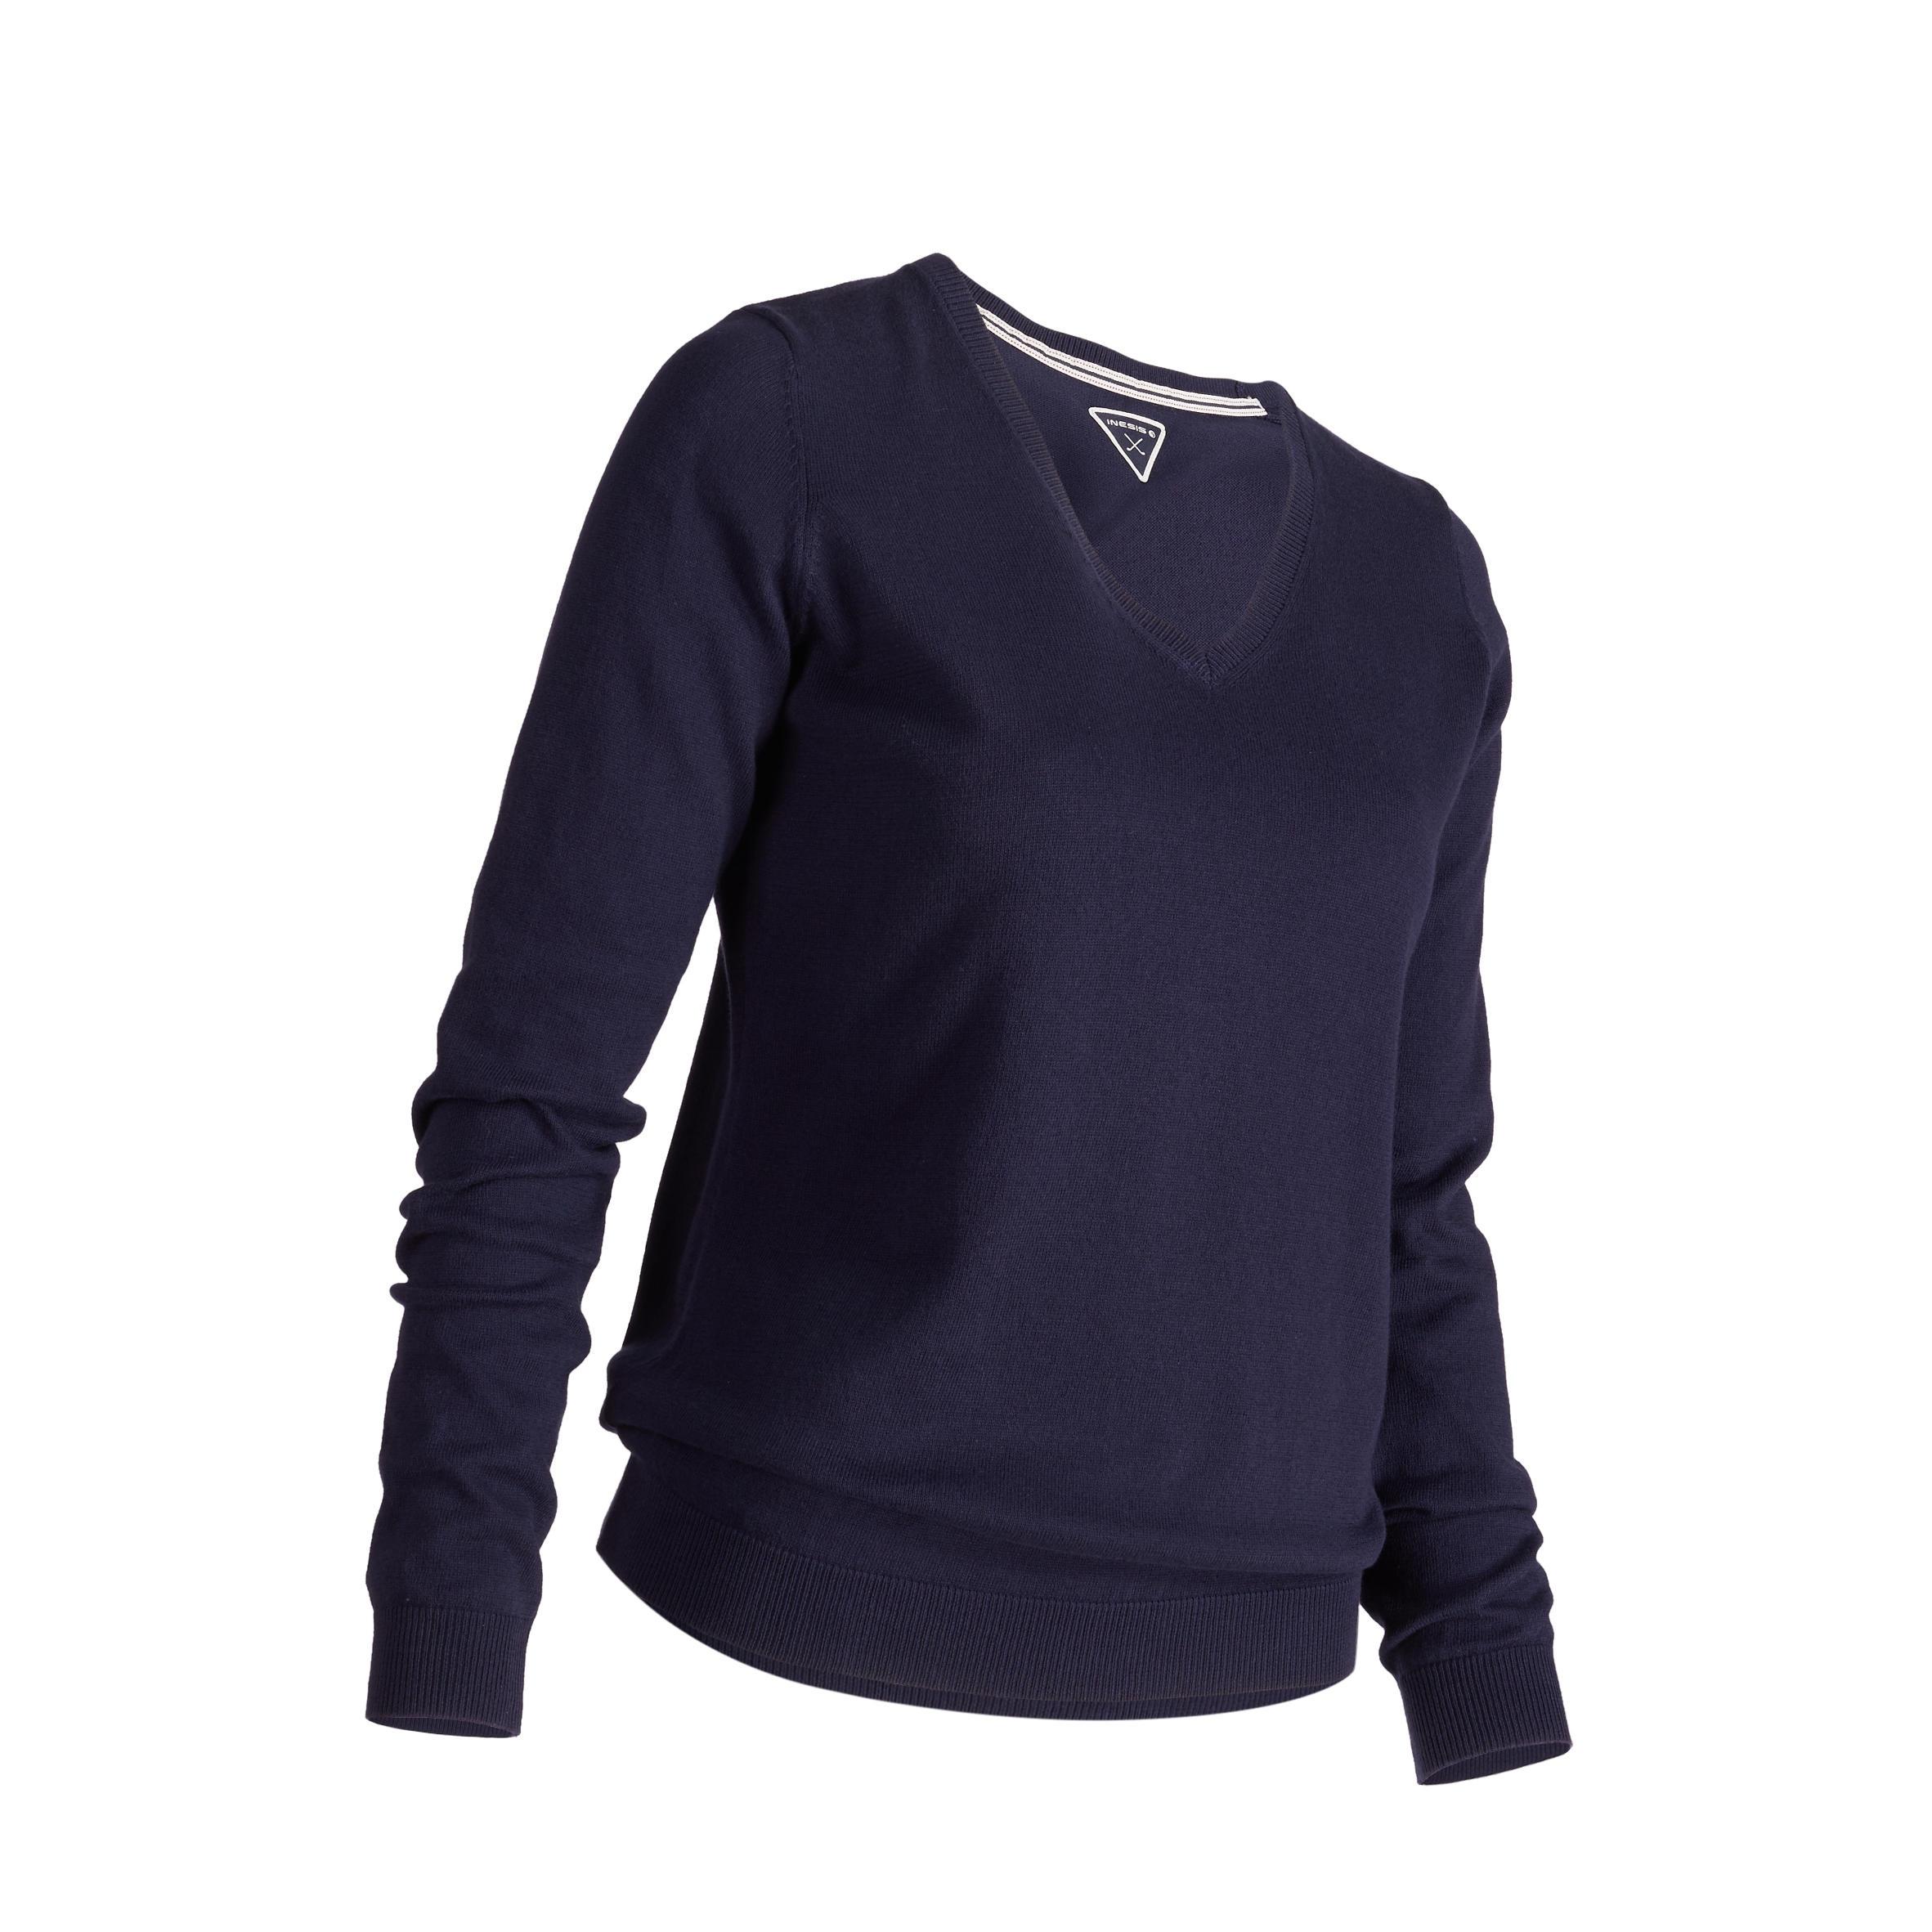 Women's Golf Sweater 500 - Navy Blue